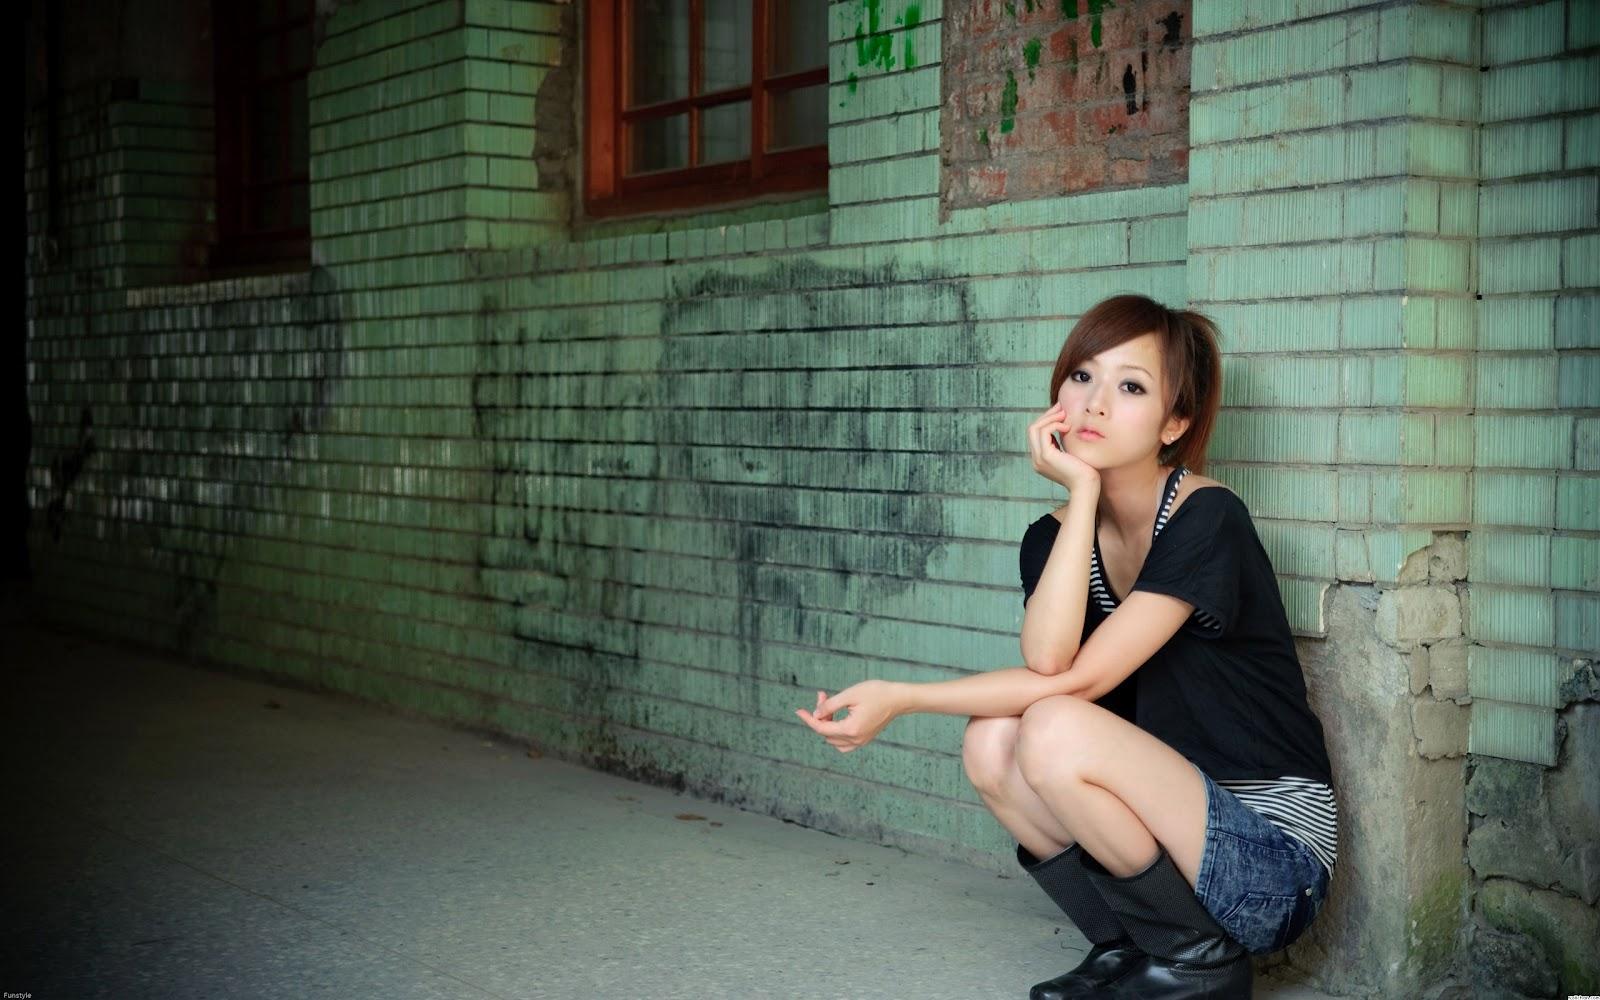 http://1.bp.blogspot.com/-OuE8PgyQRQU/UHQSWnUlFzI/AAAAAAAAAHY/lobOCvvaJFM/s1600/40683-asian-girl%5B1%5D.jpg